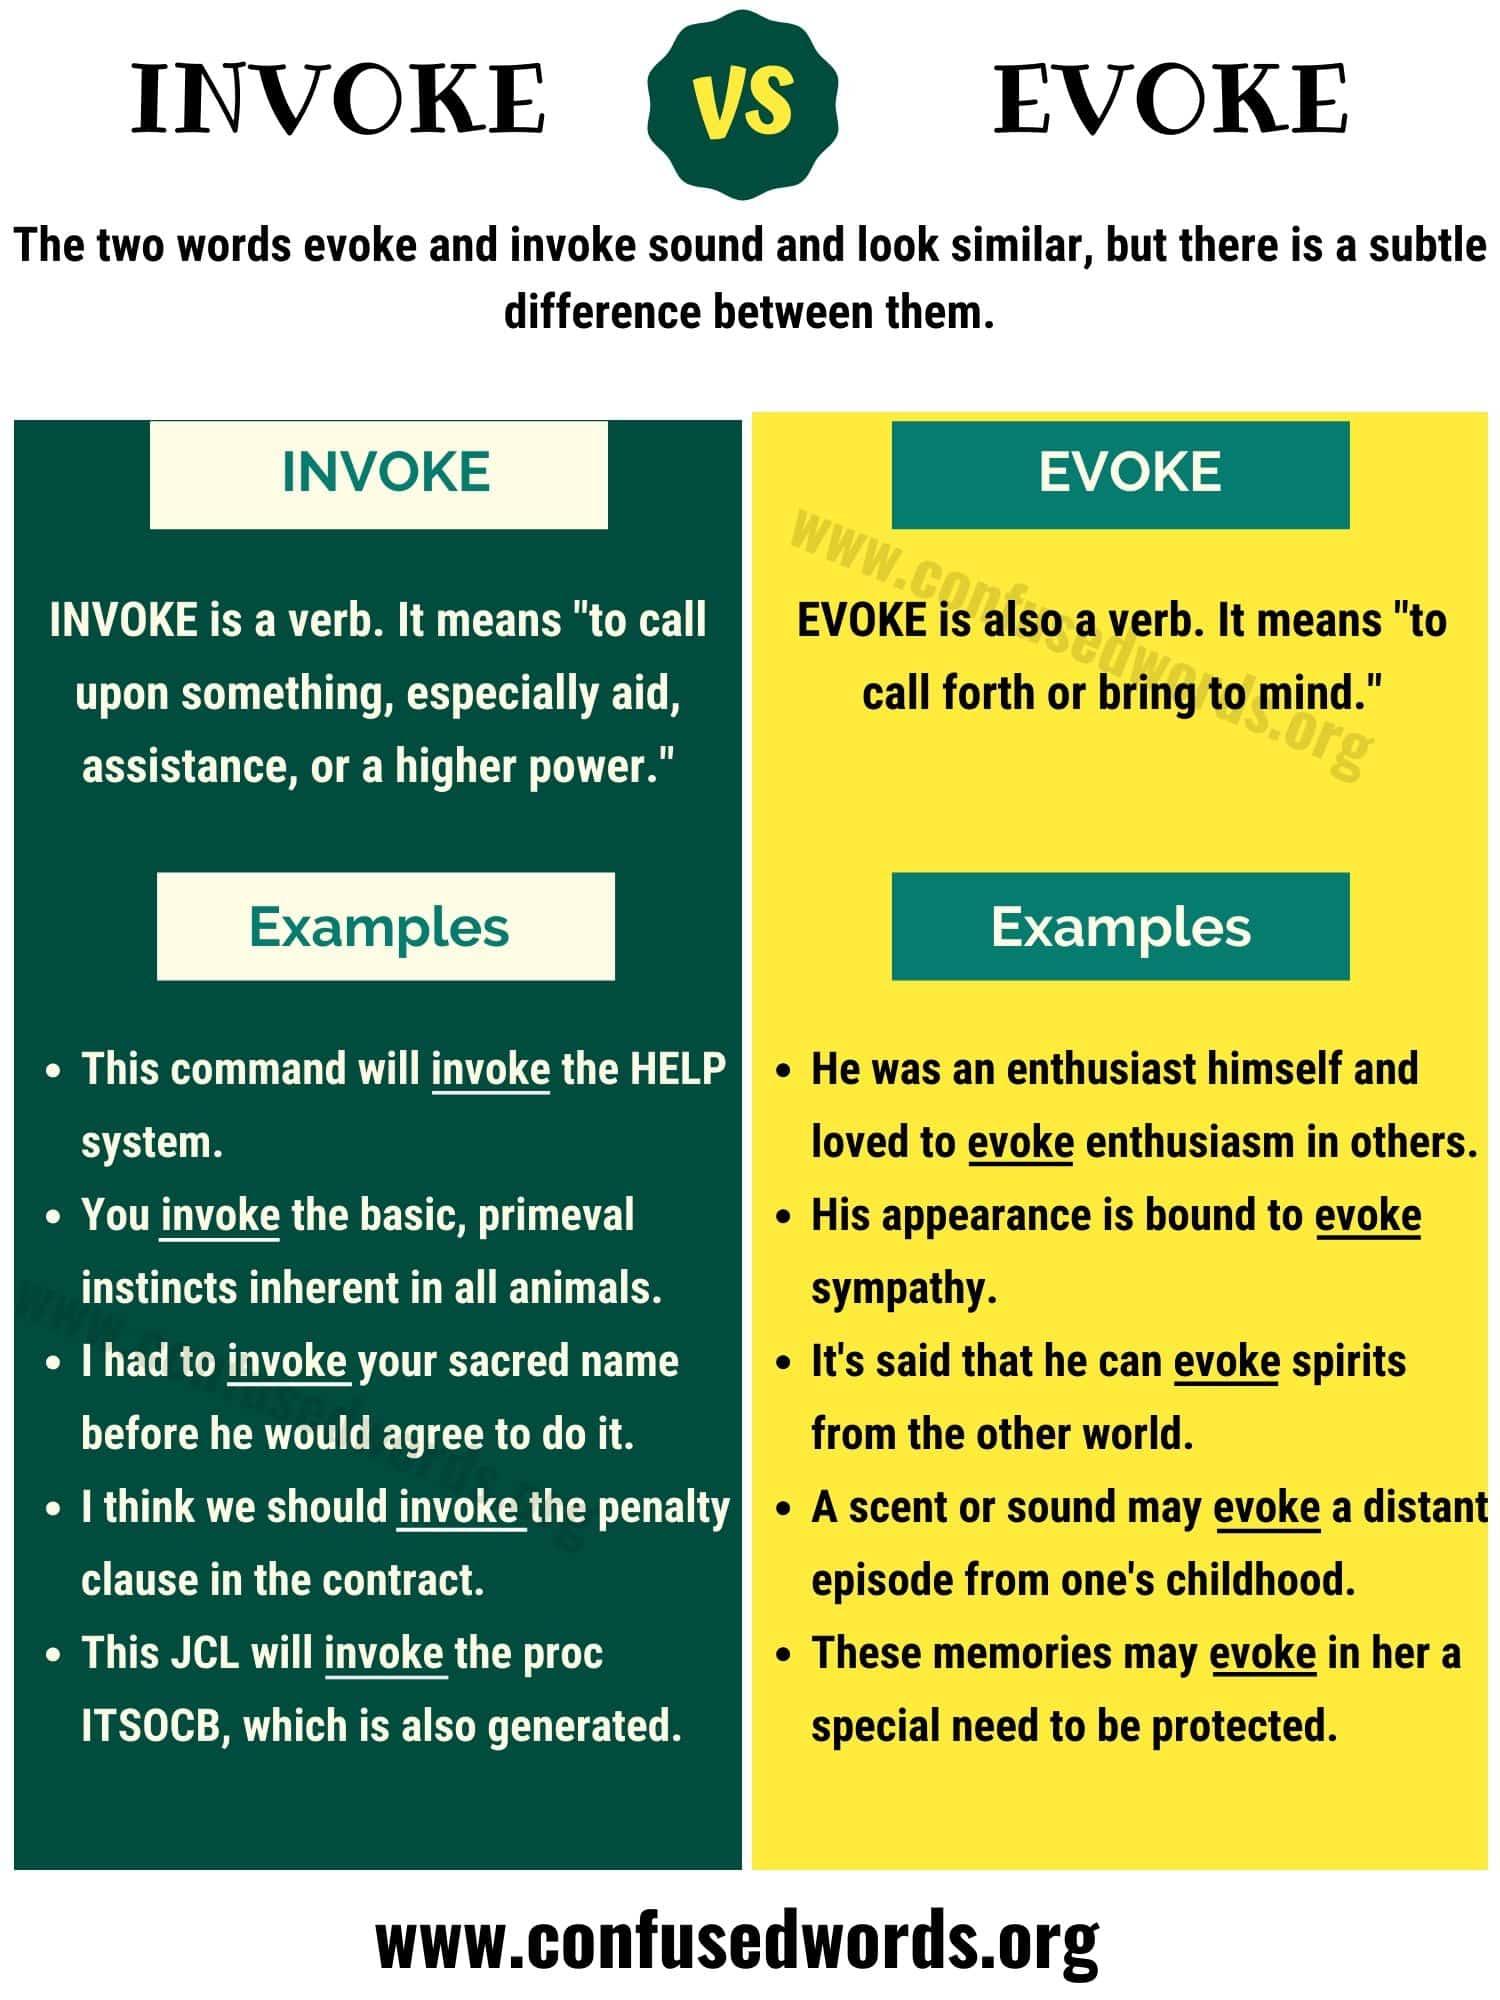 Invoke vs Evoke